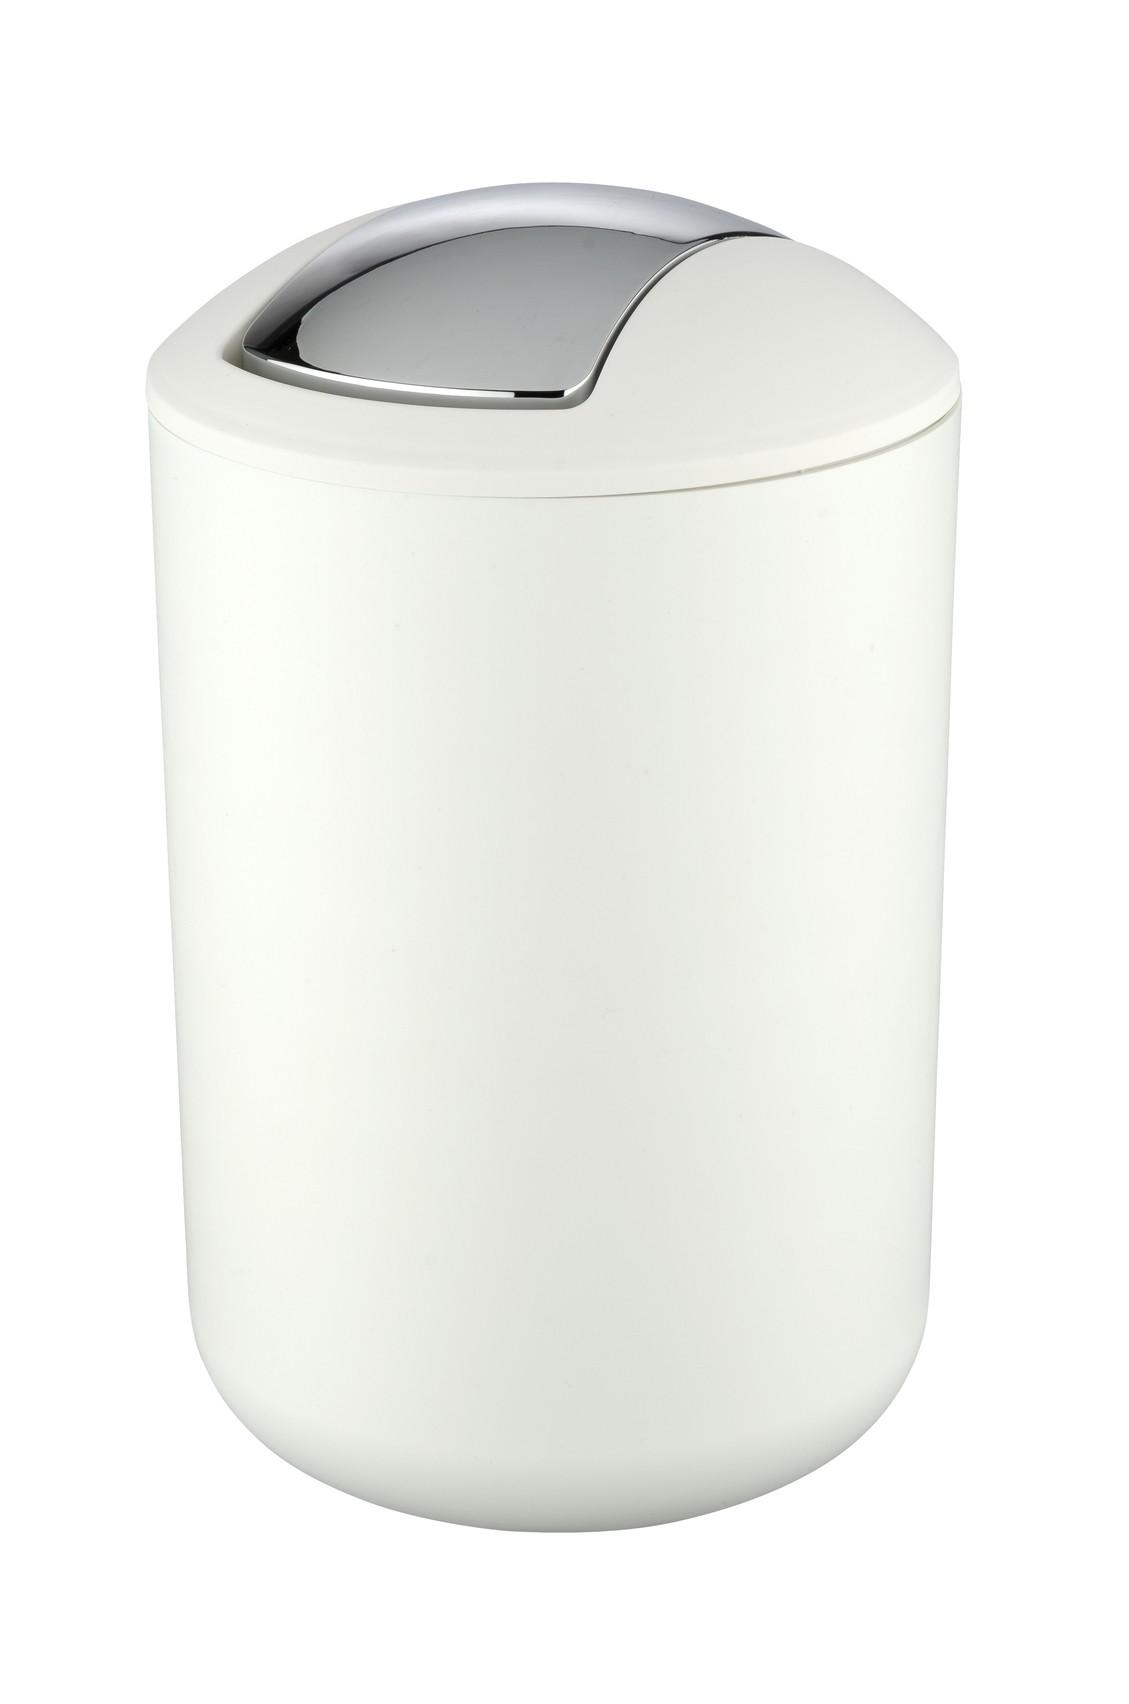 Wenko Schwingdeckeleimer / Kosmetikeimer Brasil L Weiß 6,5 Liter